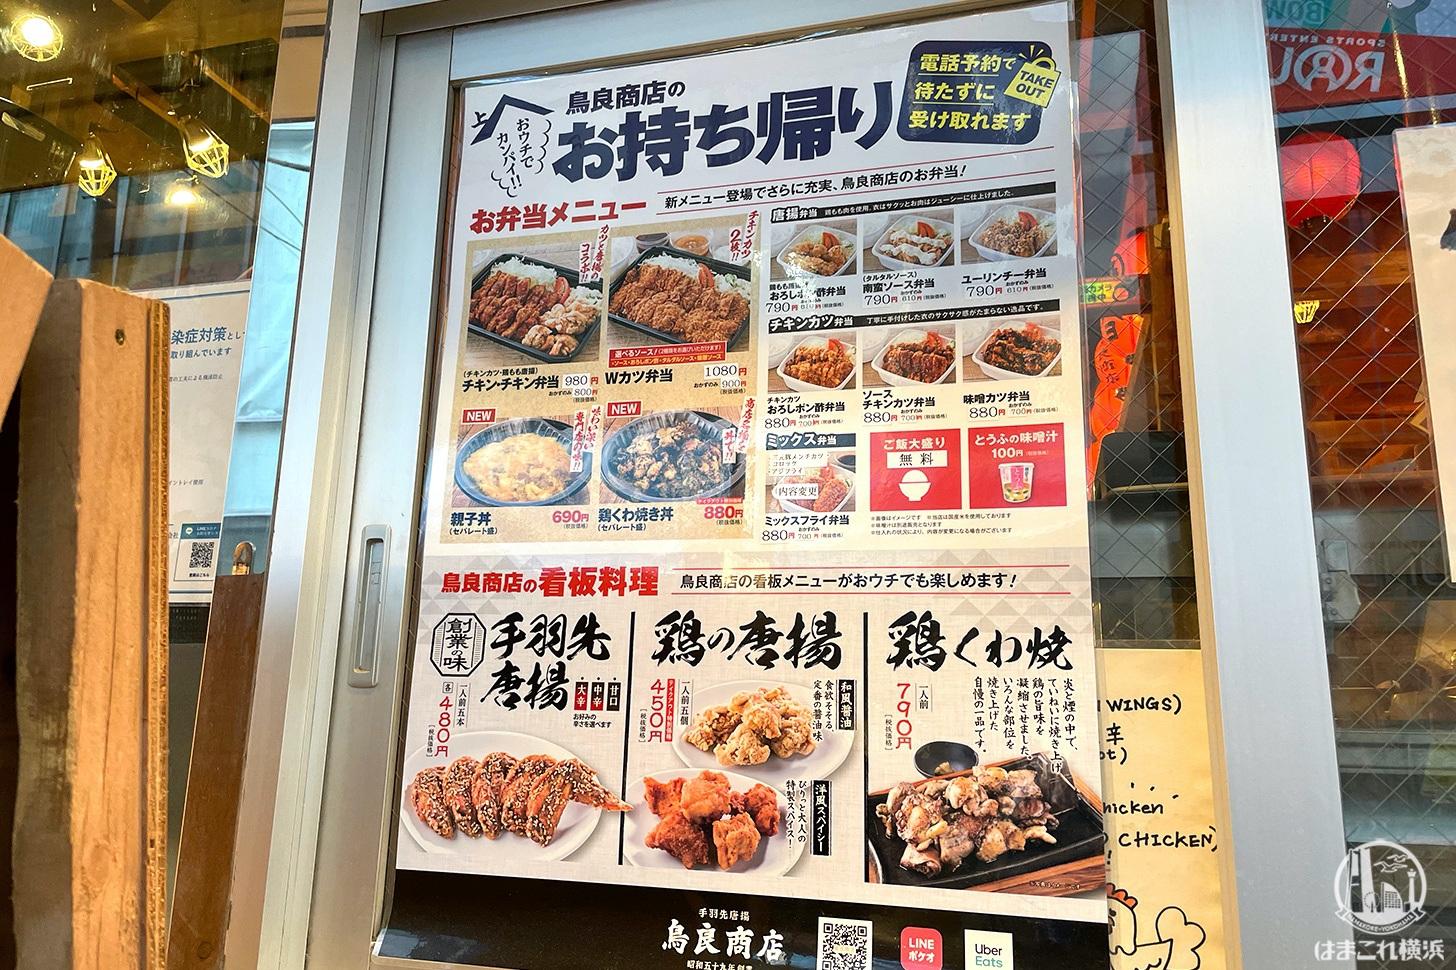 鳥良商店 横浜西口南幸店 持ち帰りメニュー